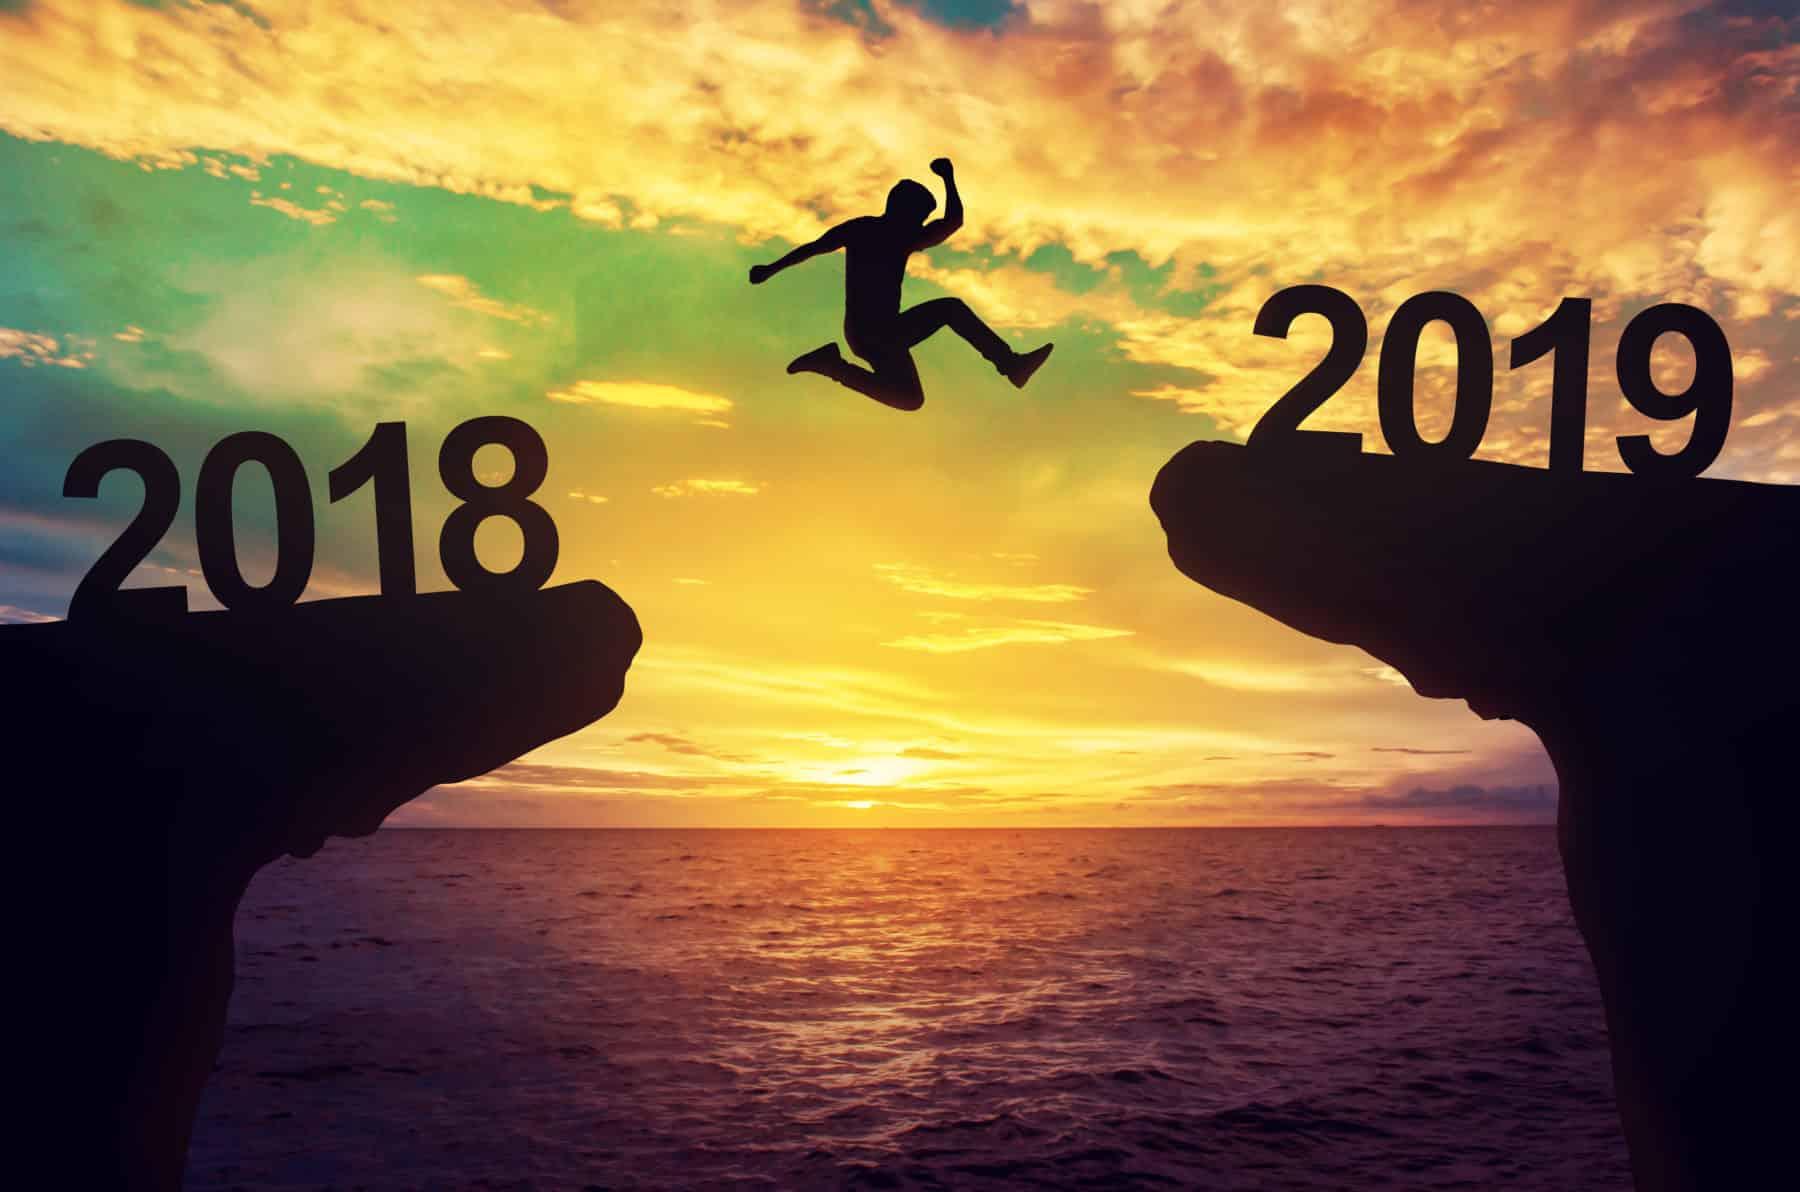 seo 2018 ja 2019